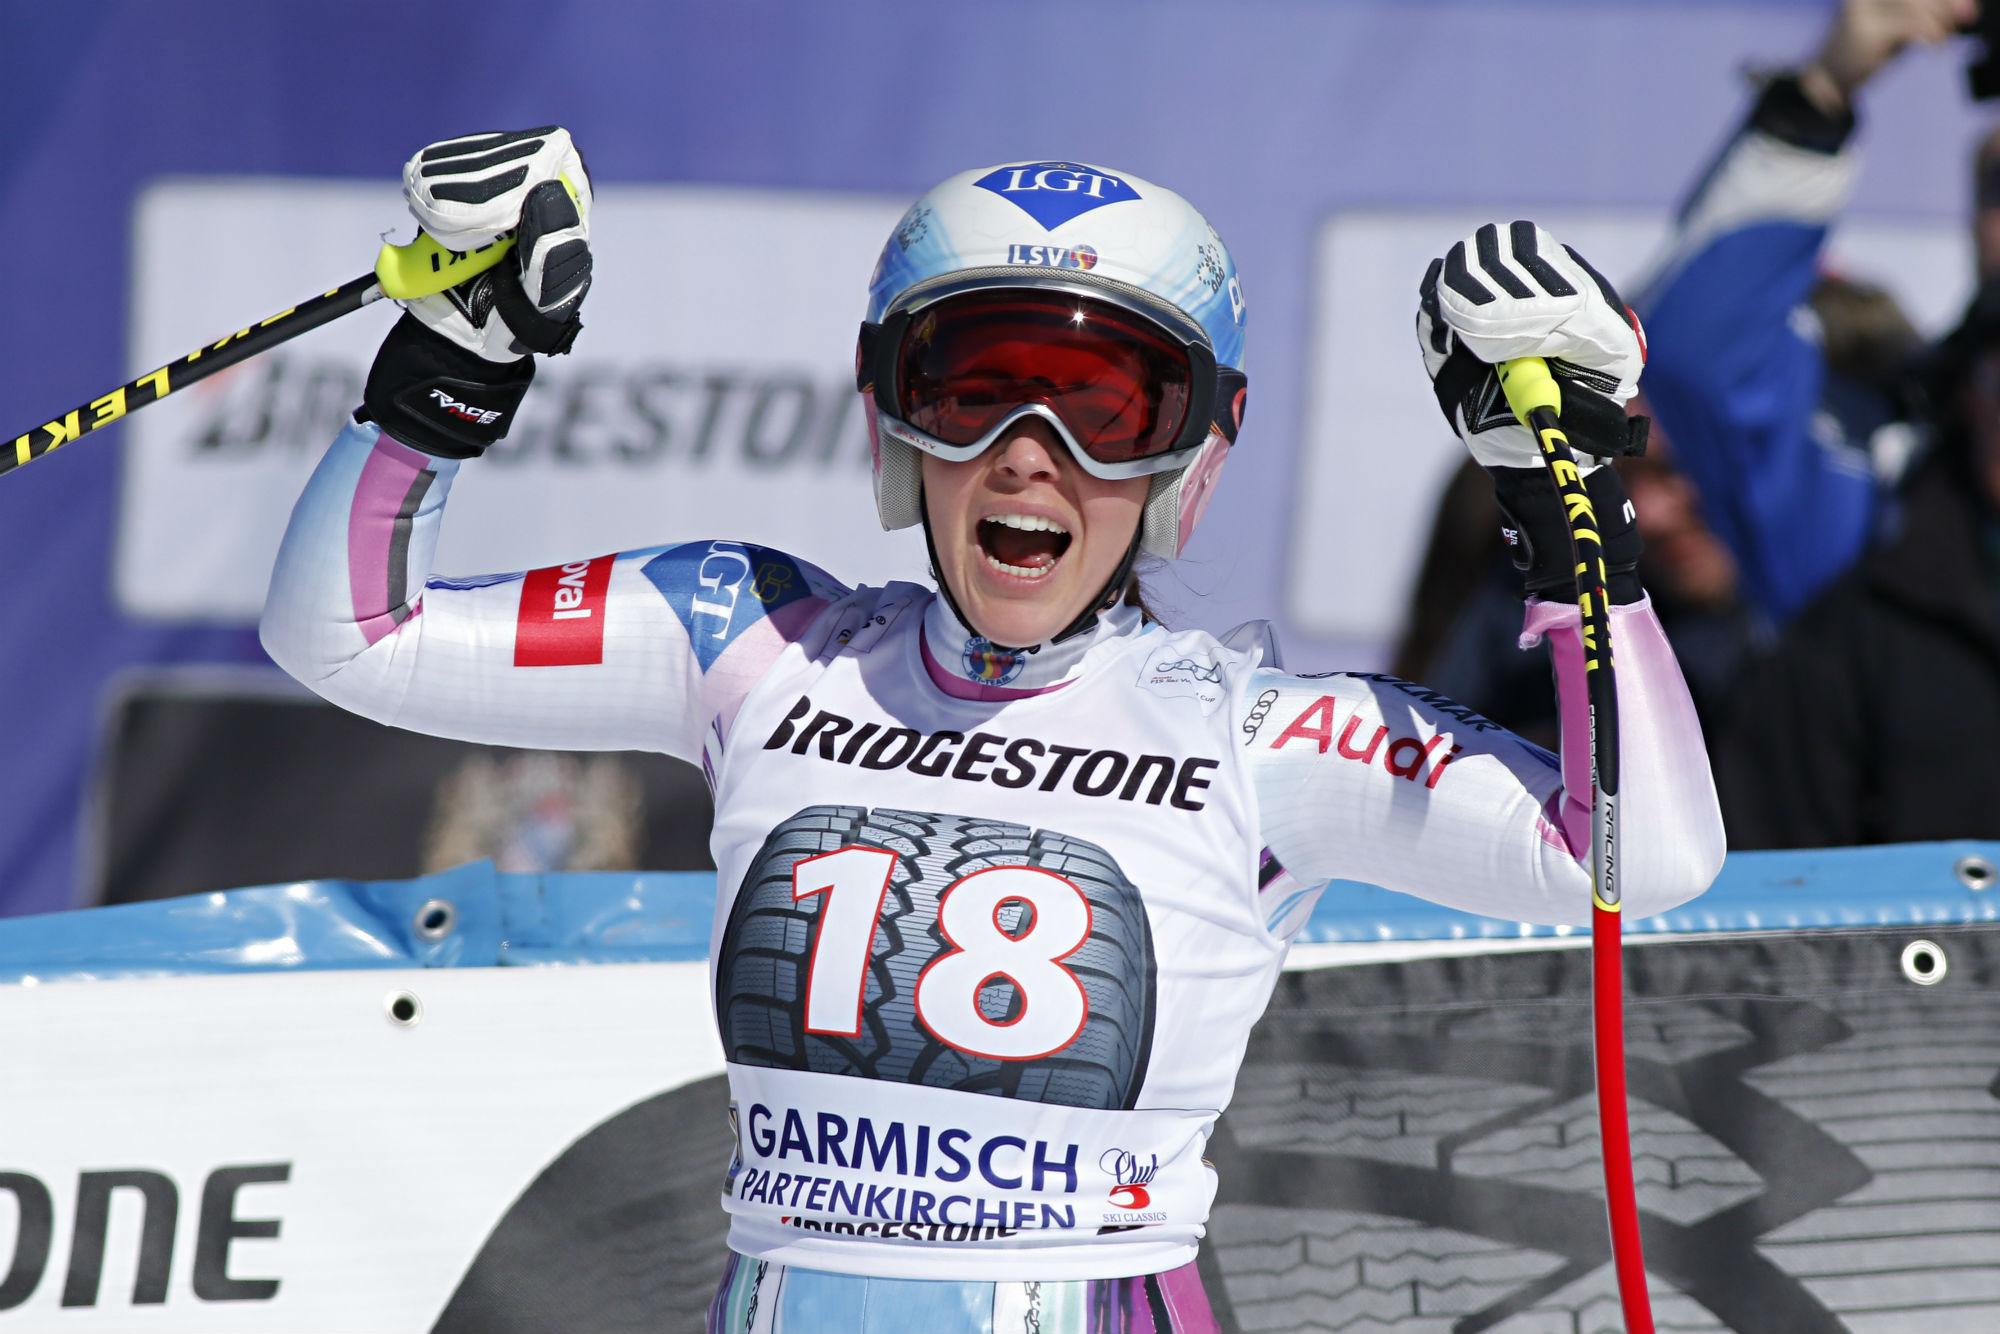 Tina Weirather in trionfo nella scorsa stagione in discesa a Garmisch-Partenkirchen @Zoom Agence